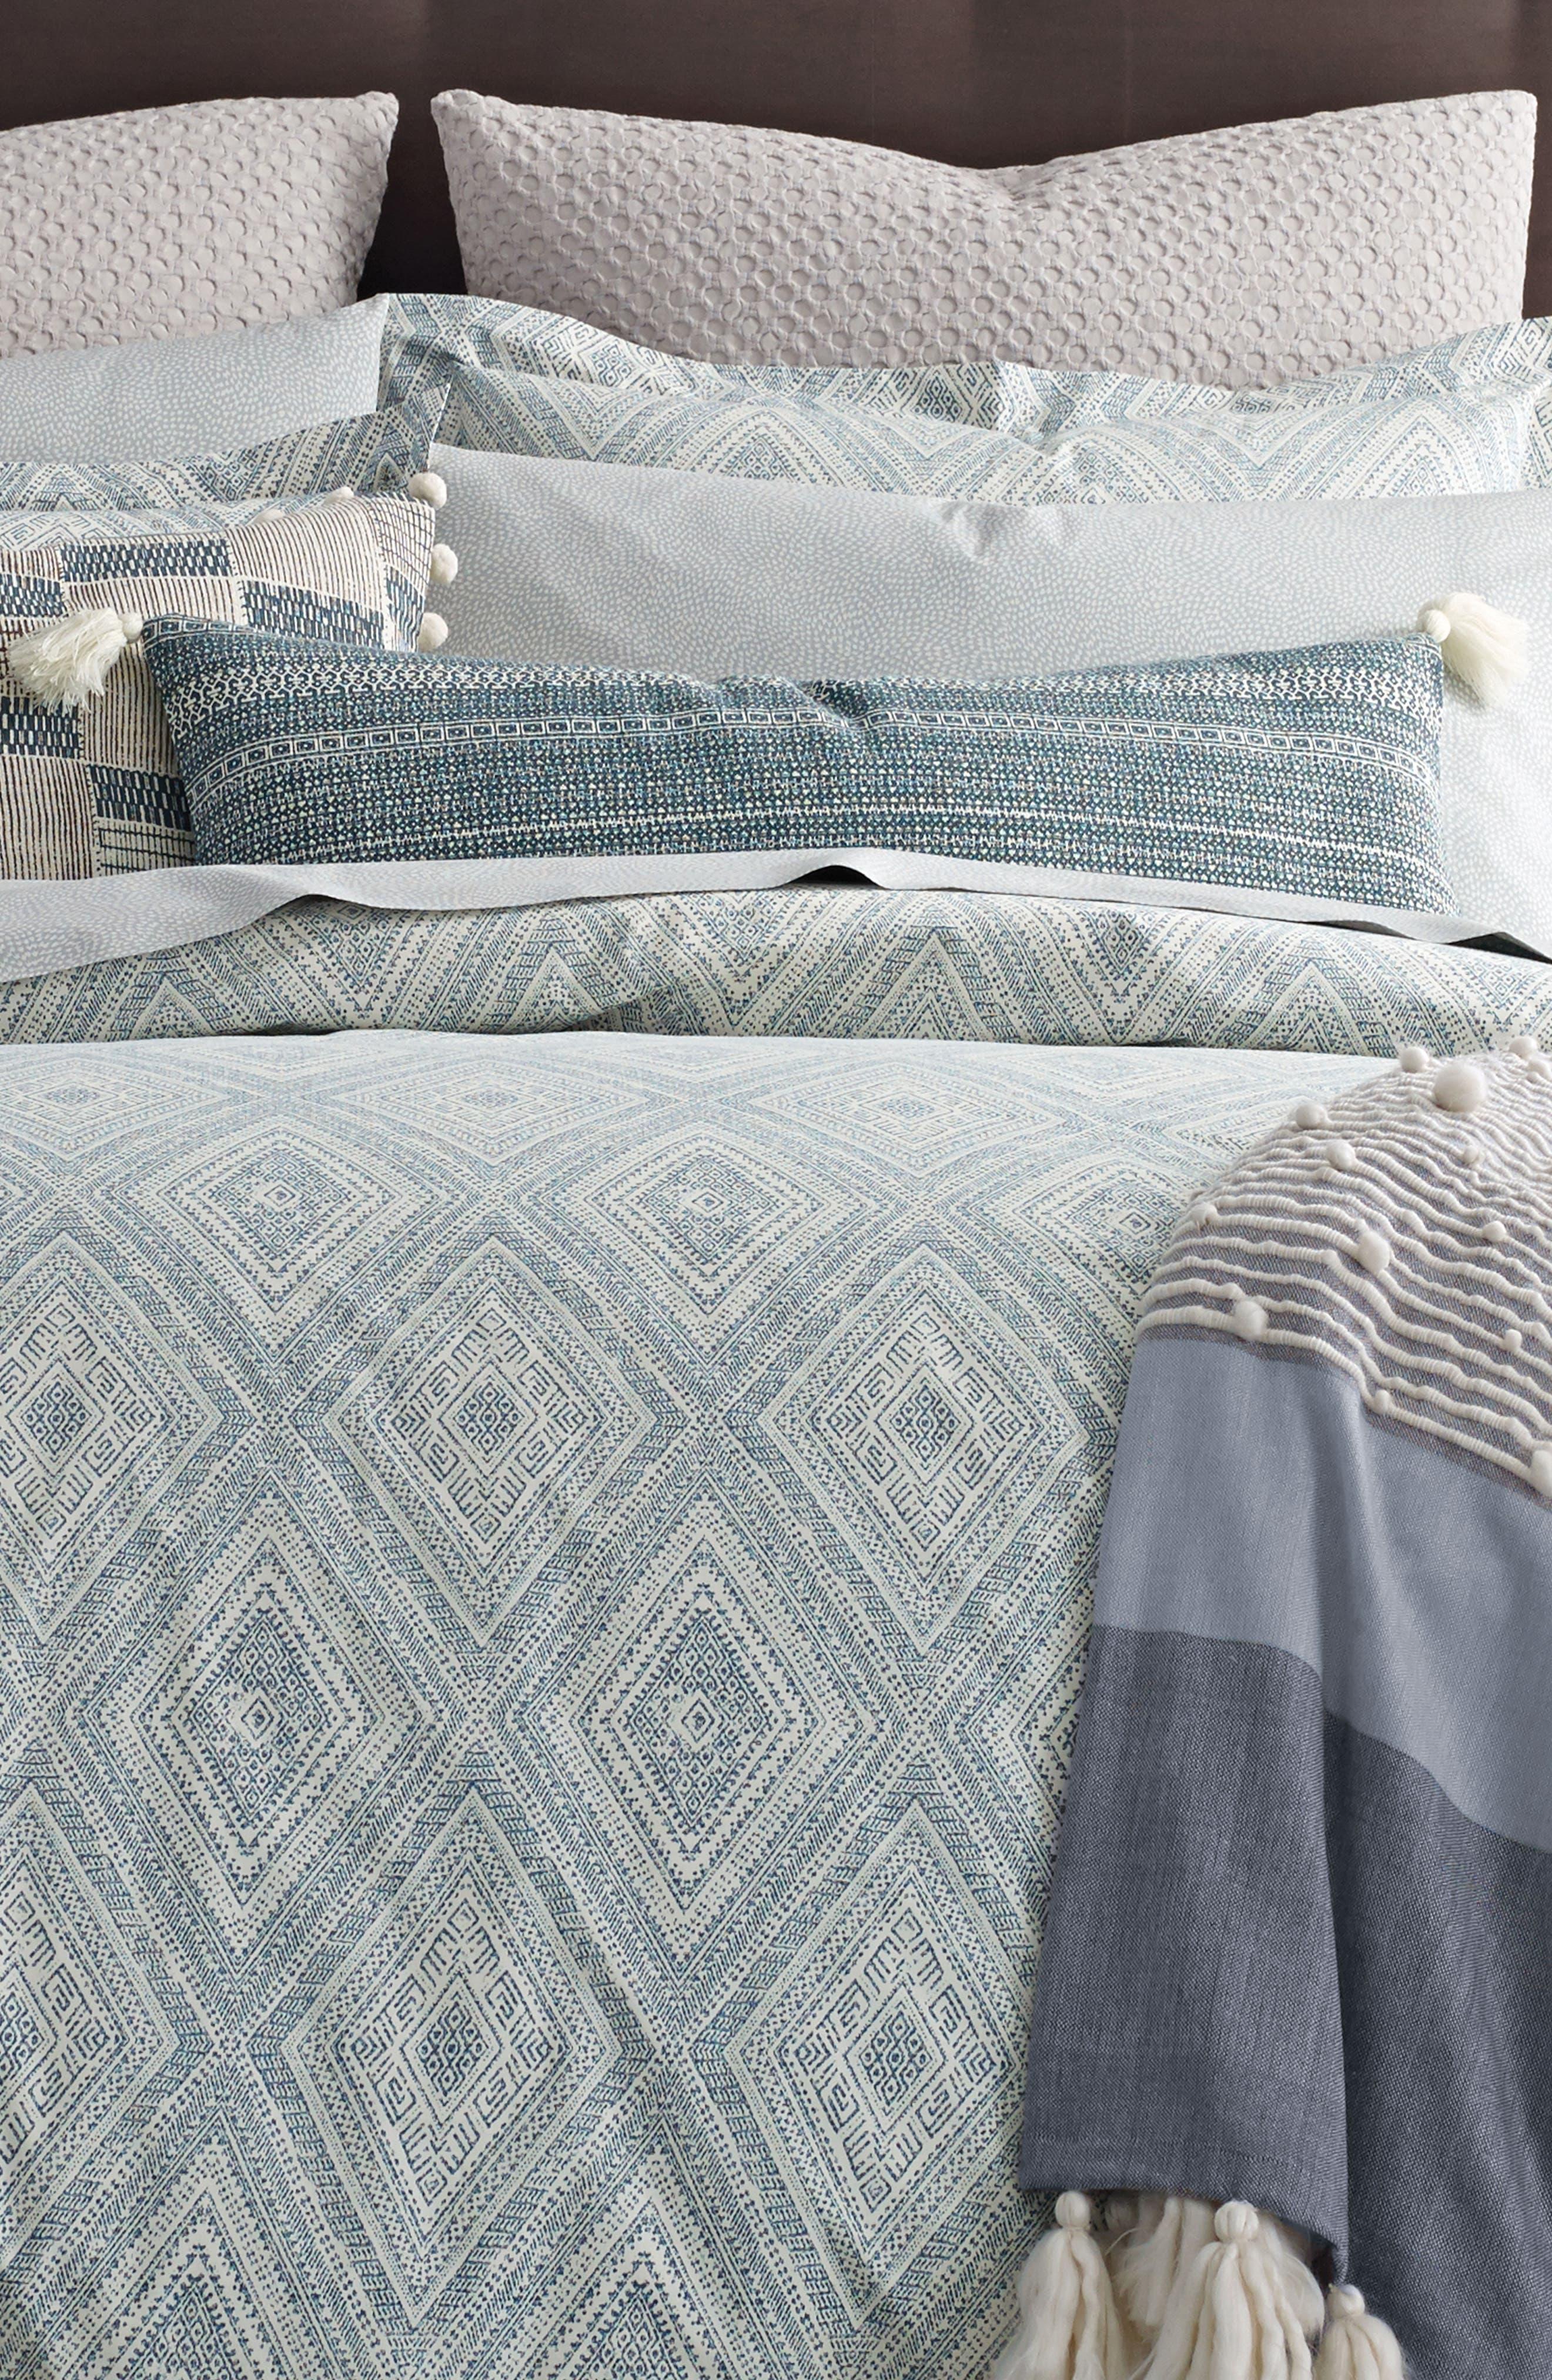 Caspiane 200 Thread Count Comforter,                             Alternate thumbnail 2, color,                             Turquoise/ Aqua